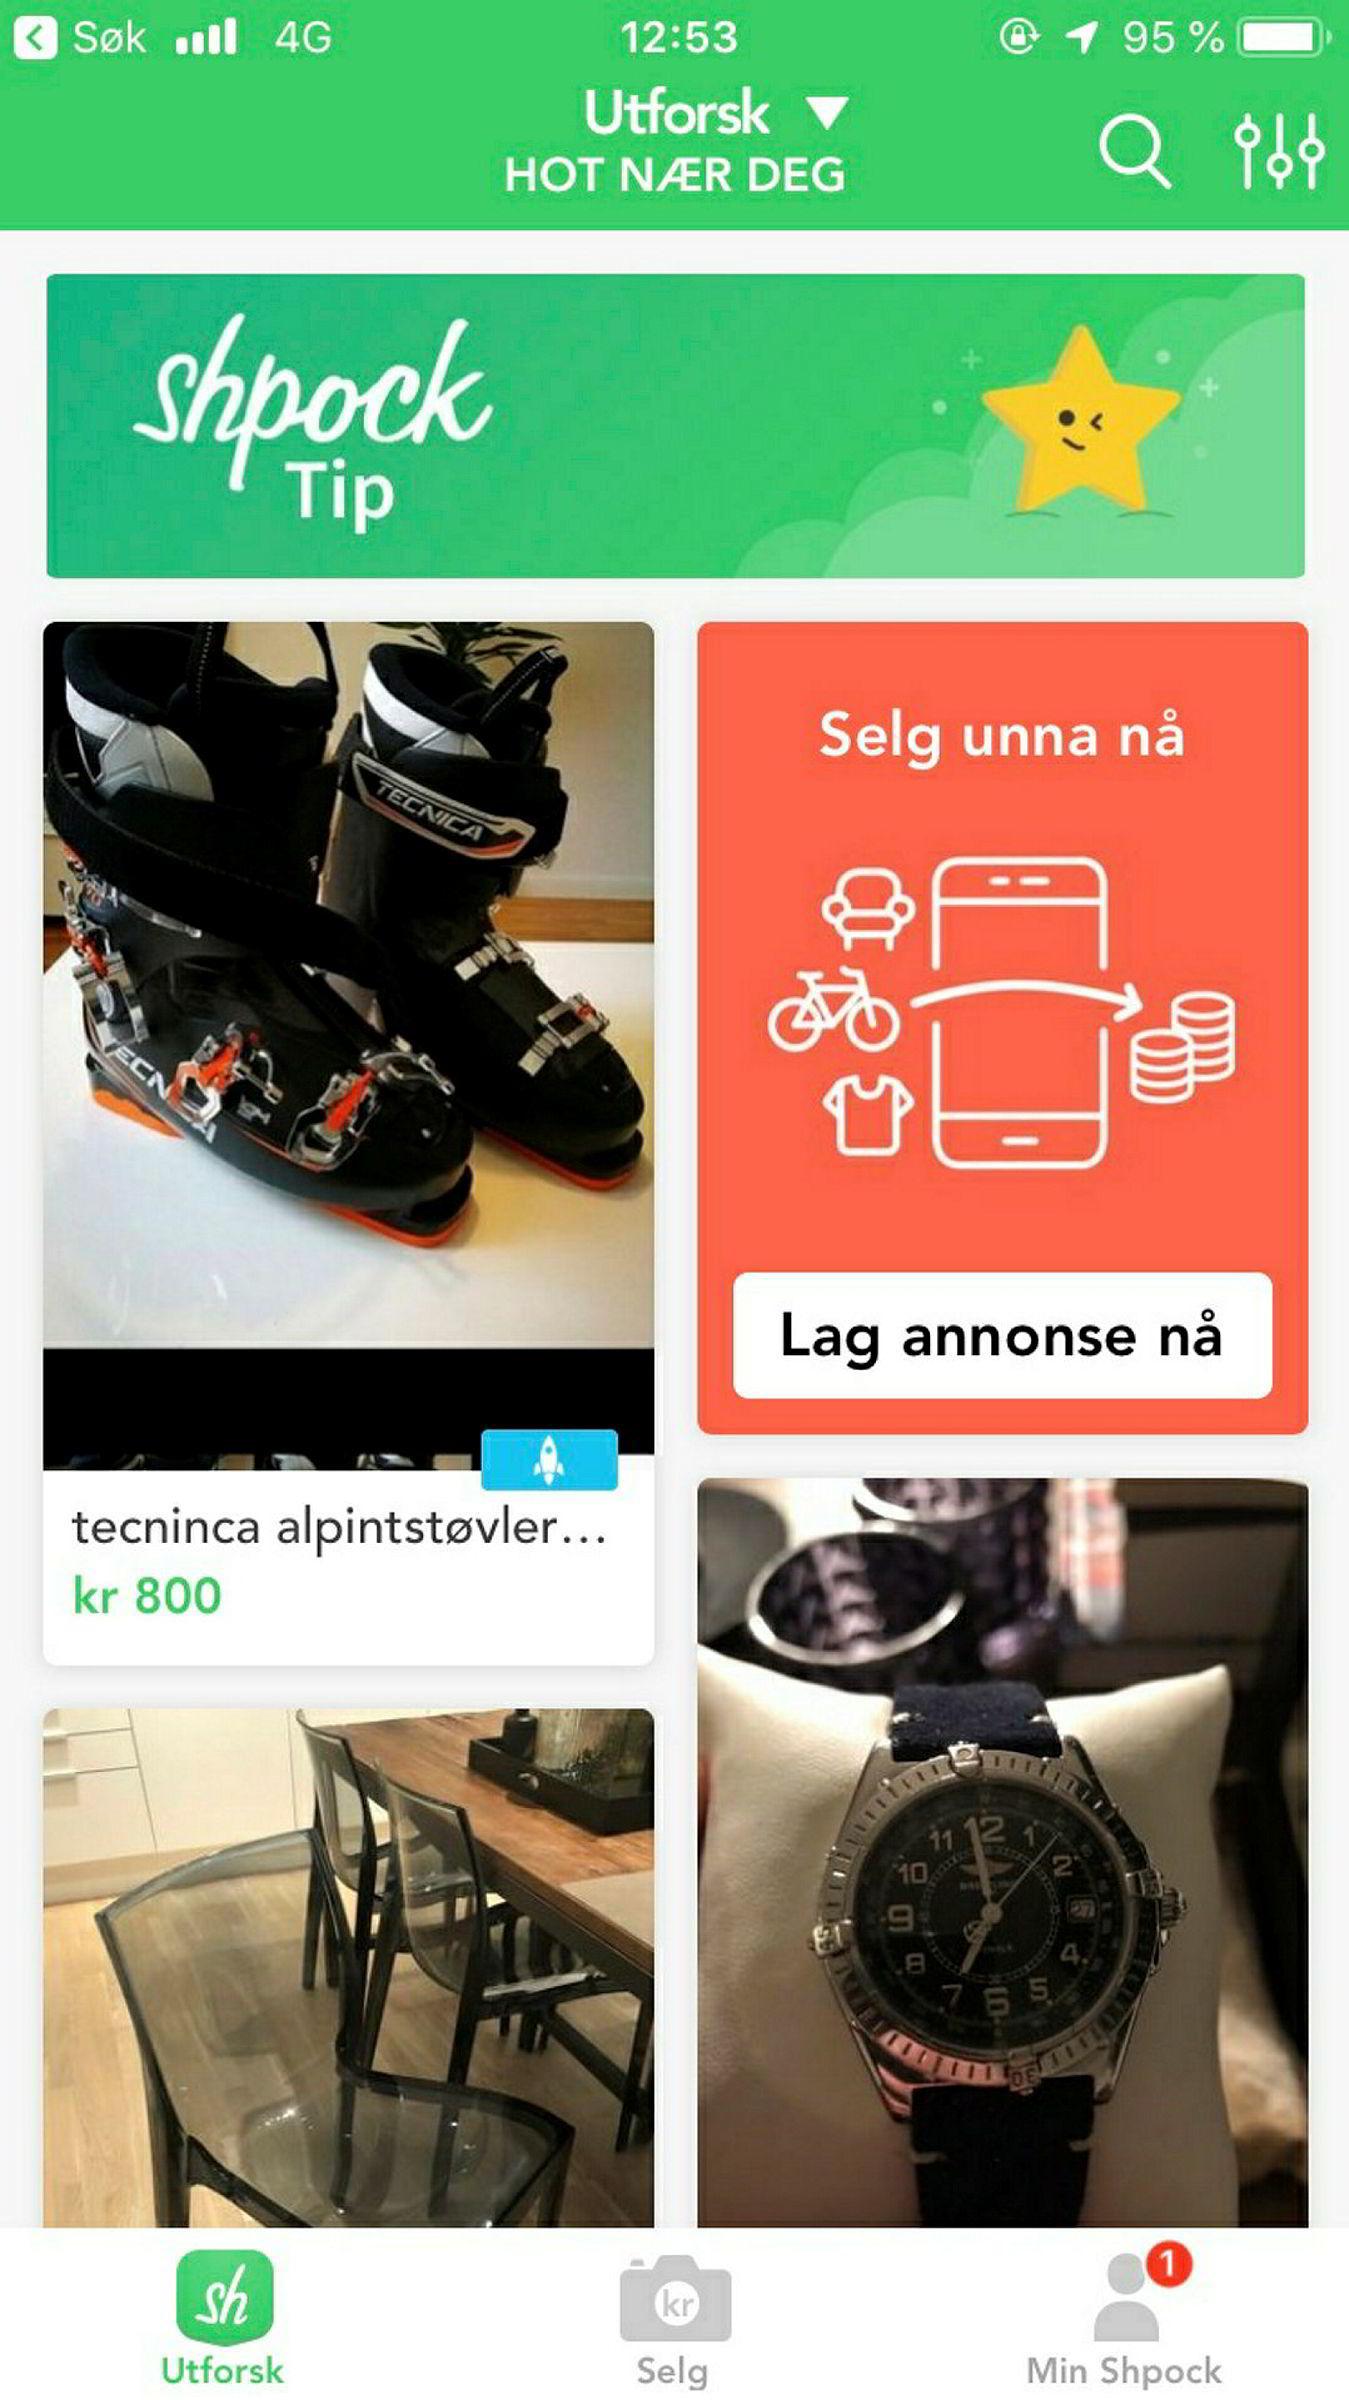 Slik ser Schibsteds loppis-app Shpock ut.